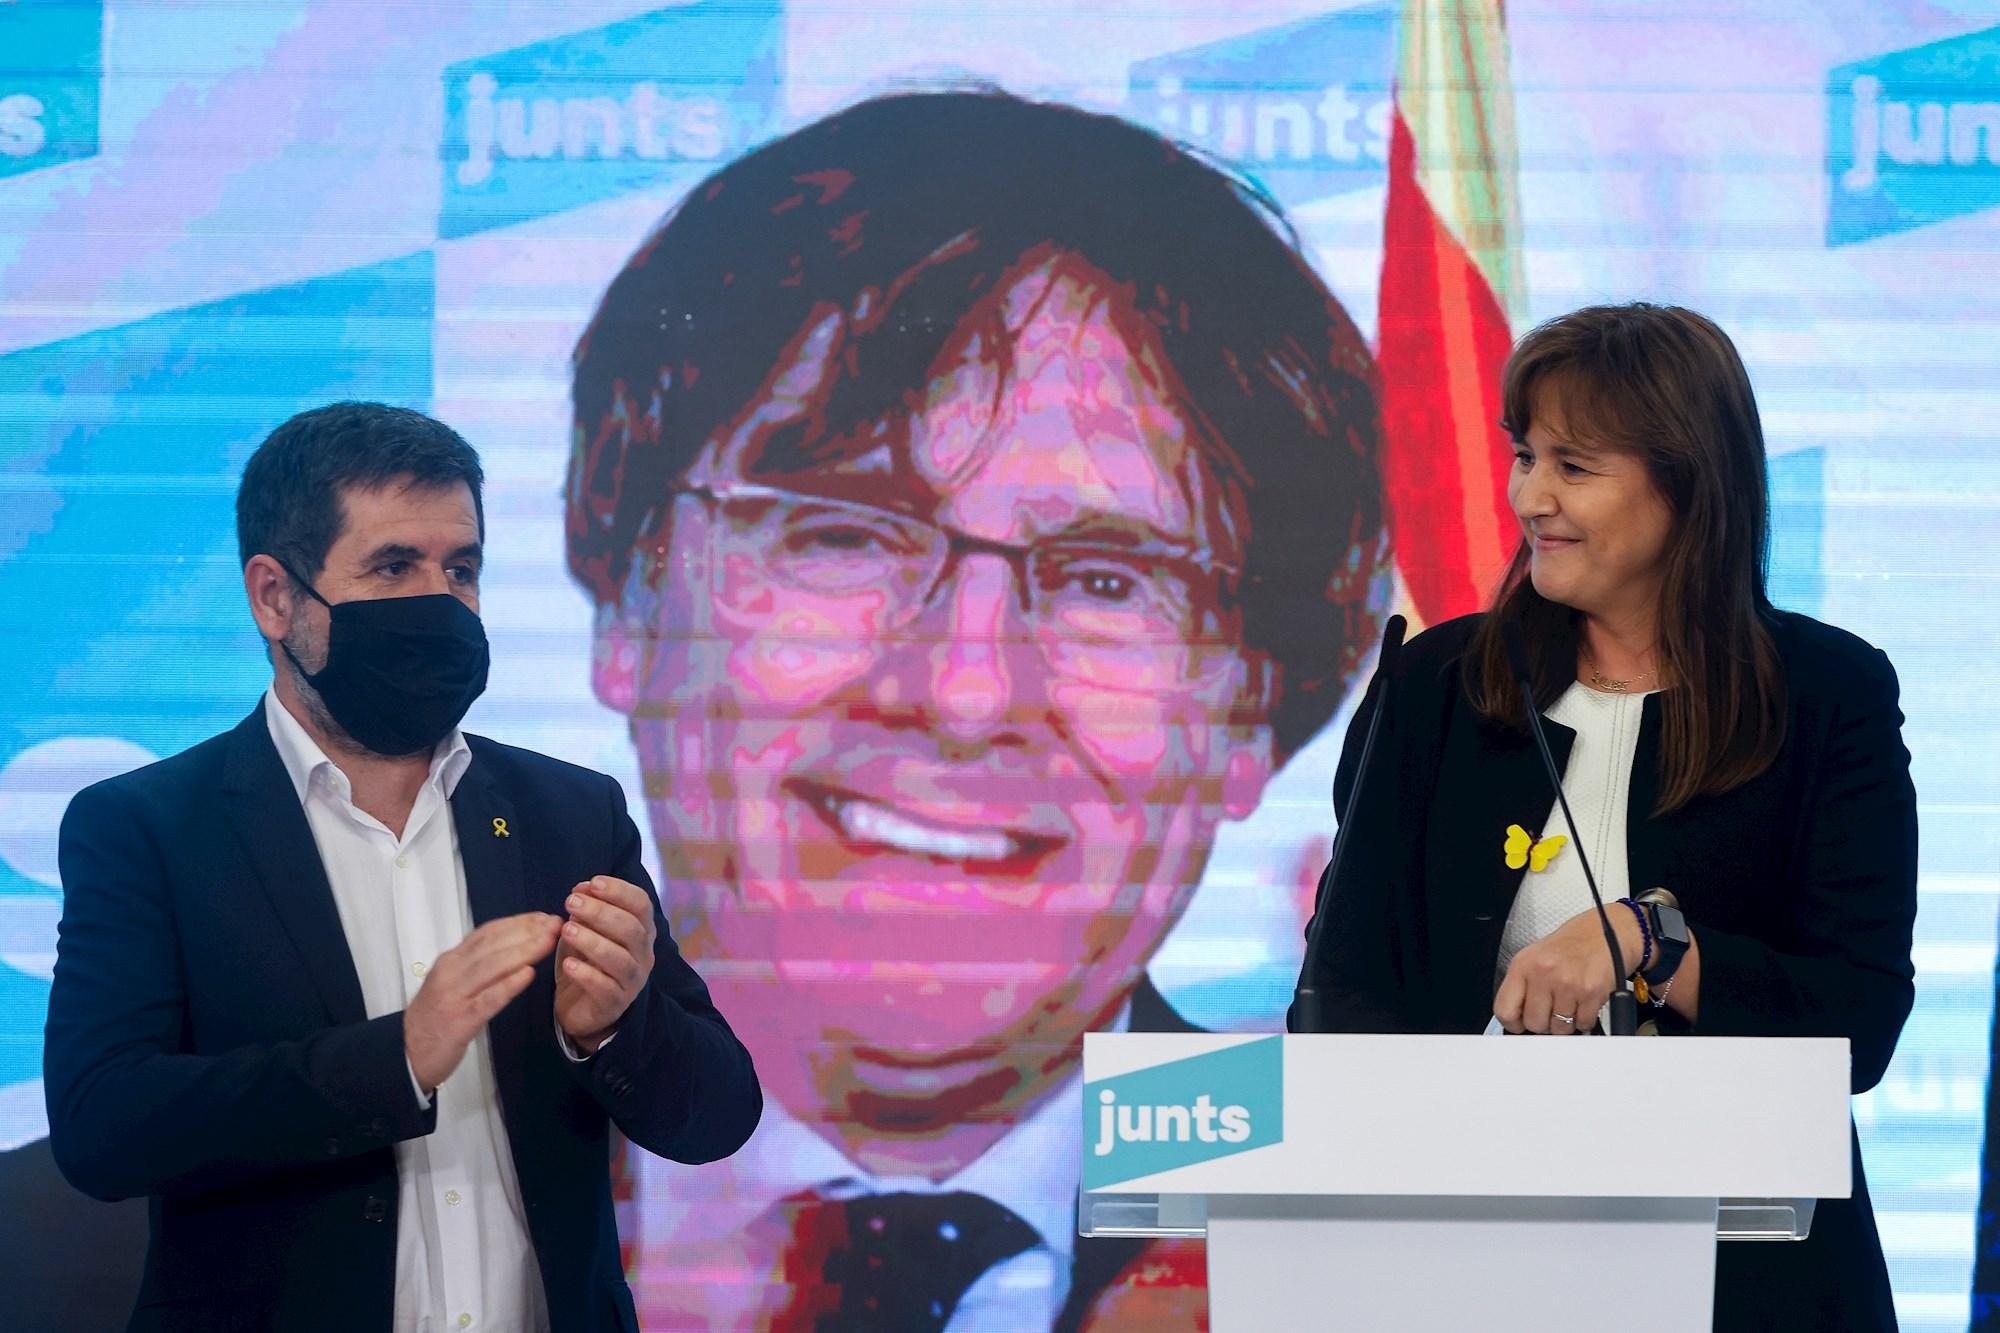 Jordi Sànchez, Carles Puigdemont (vía telemática) y Laura Borràs durante la valoración de los resultados de las elecciones catalanas del 14 de febrero de 2021, en Barcelona | EFE/QG